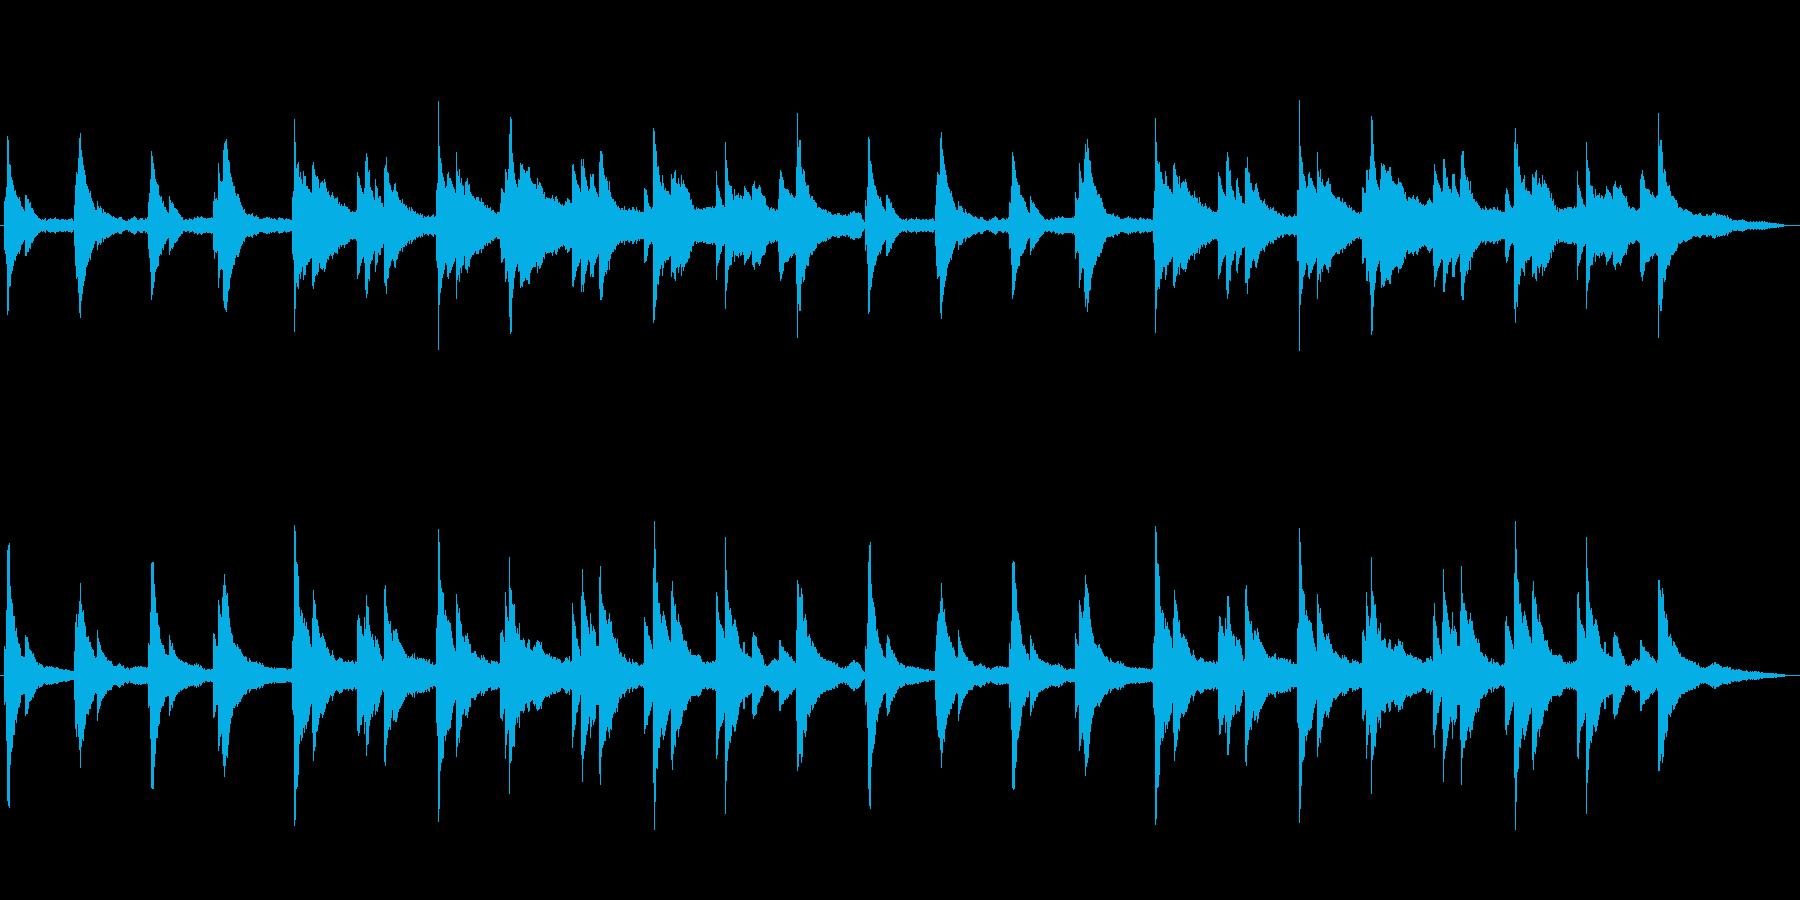 幻想的で静かなわびさびを感じるピアノソロの再生済みの波形